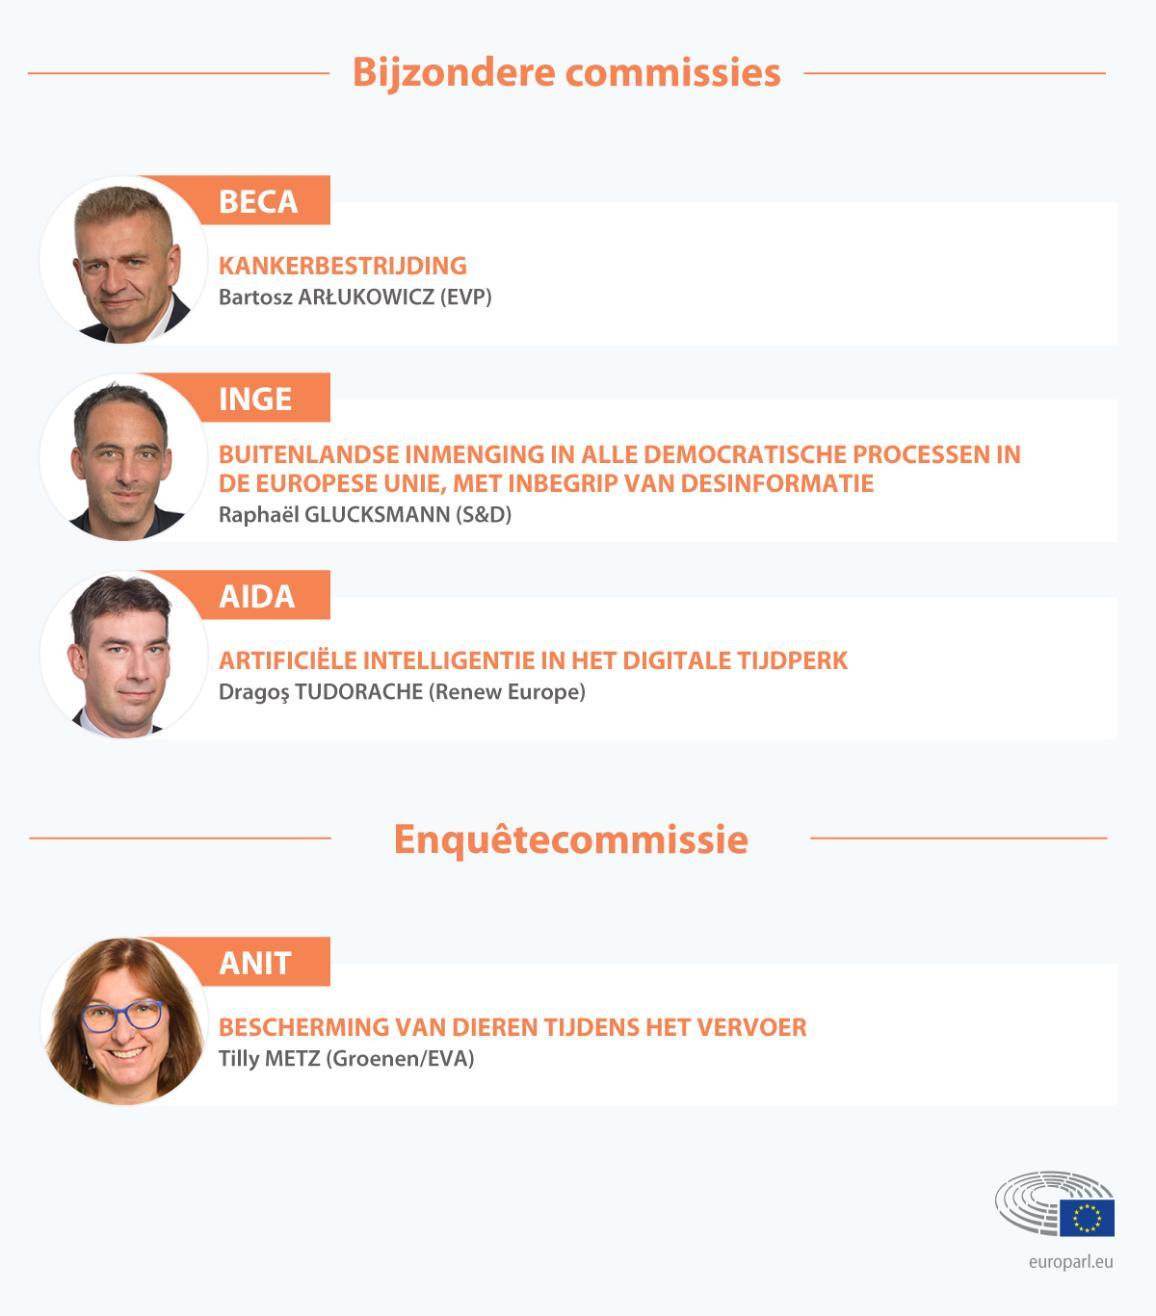 Overzicht van de voorzitters van de bijzondere commissies en de onderzoekscommissie